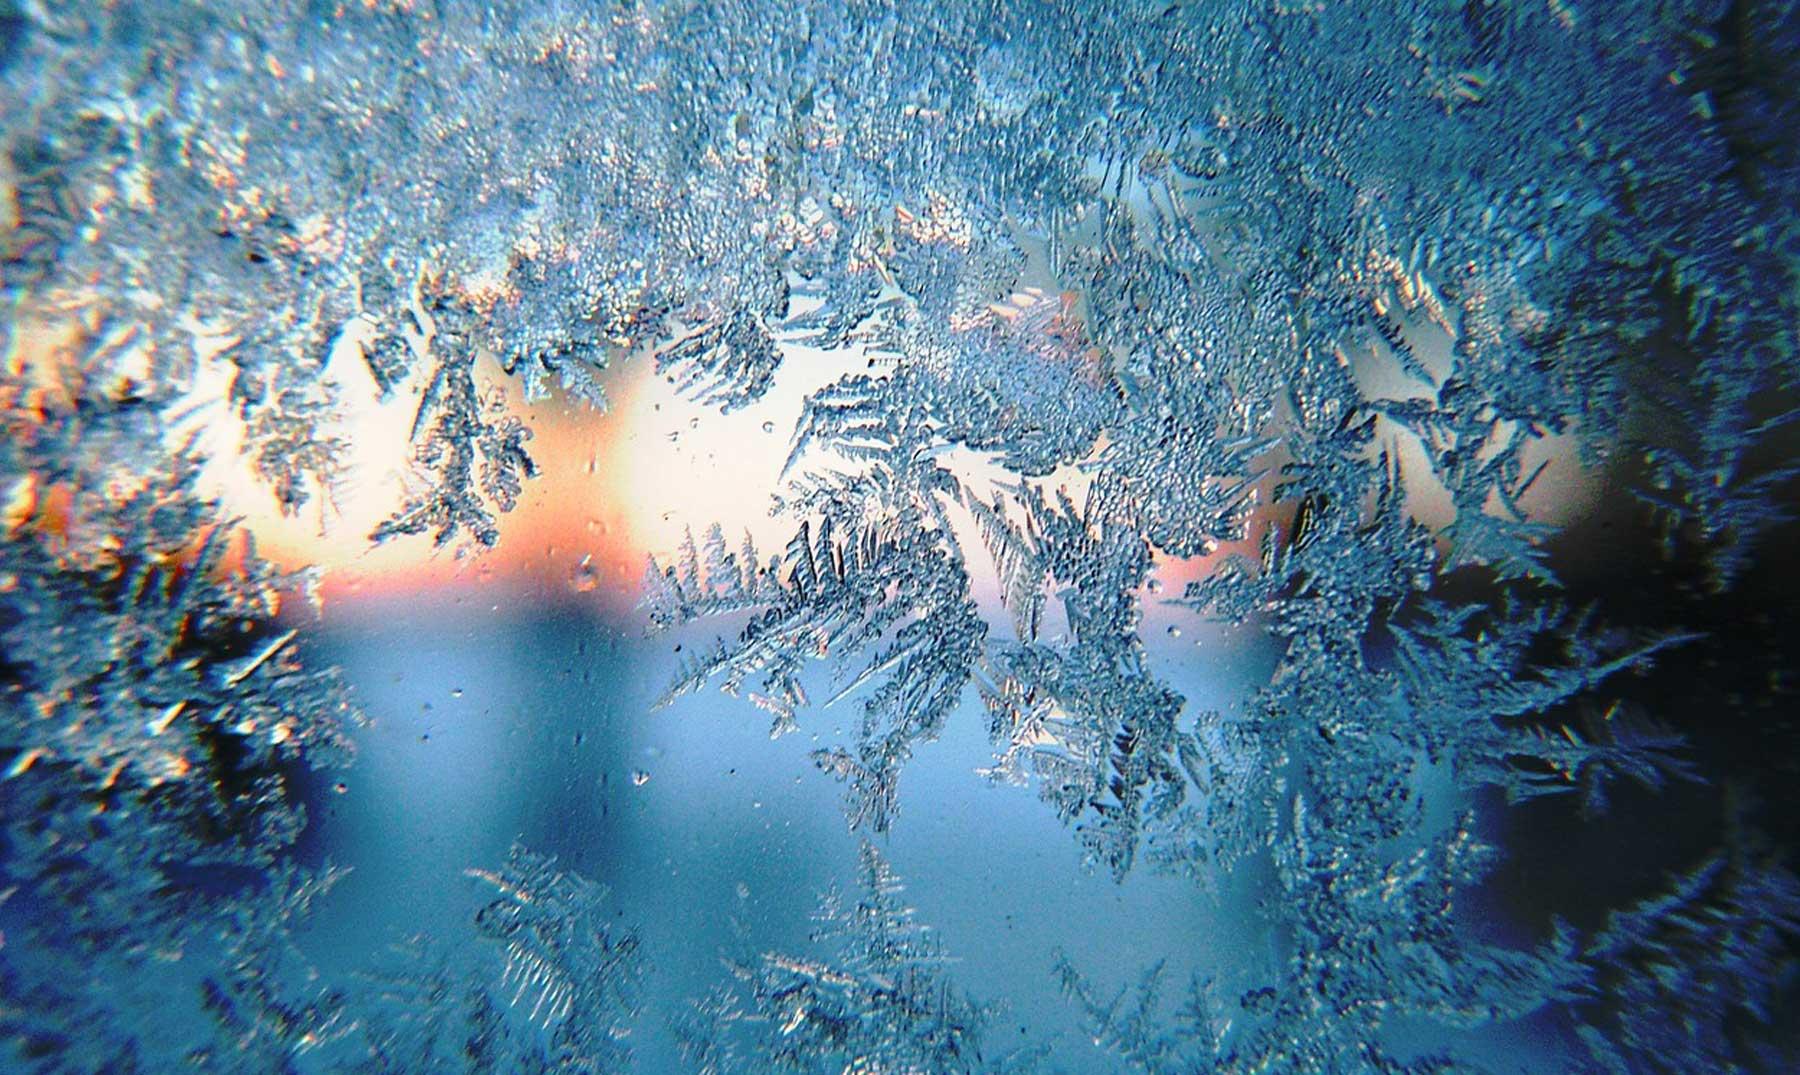 ¿Sabías que no hay dos copos de nieve igual?